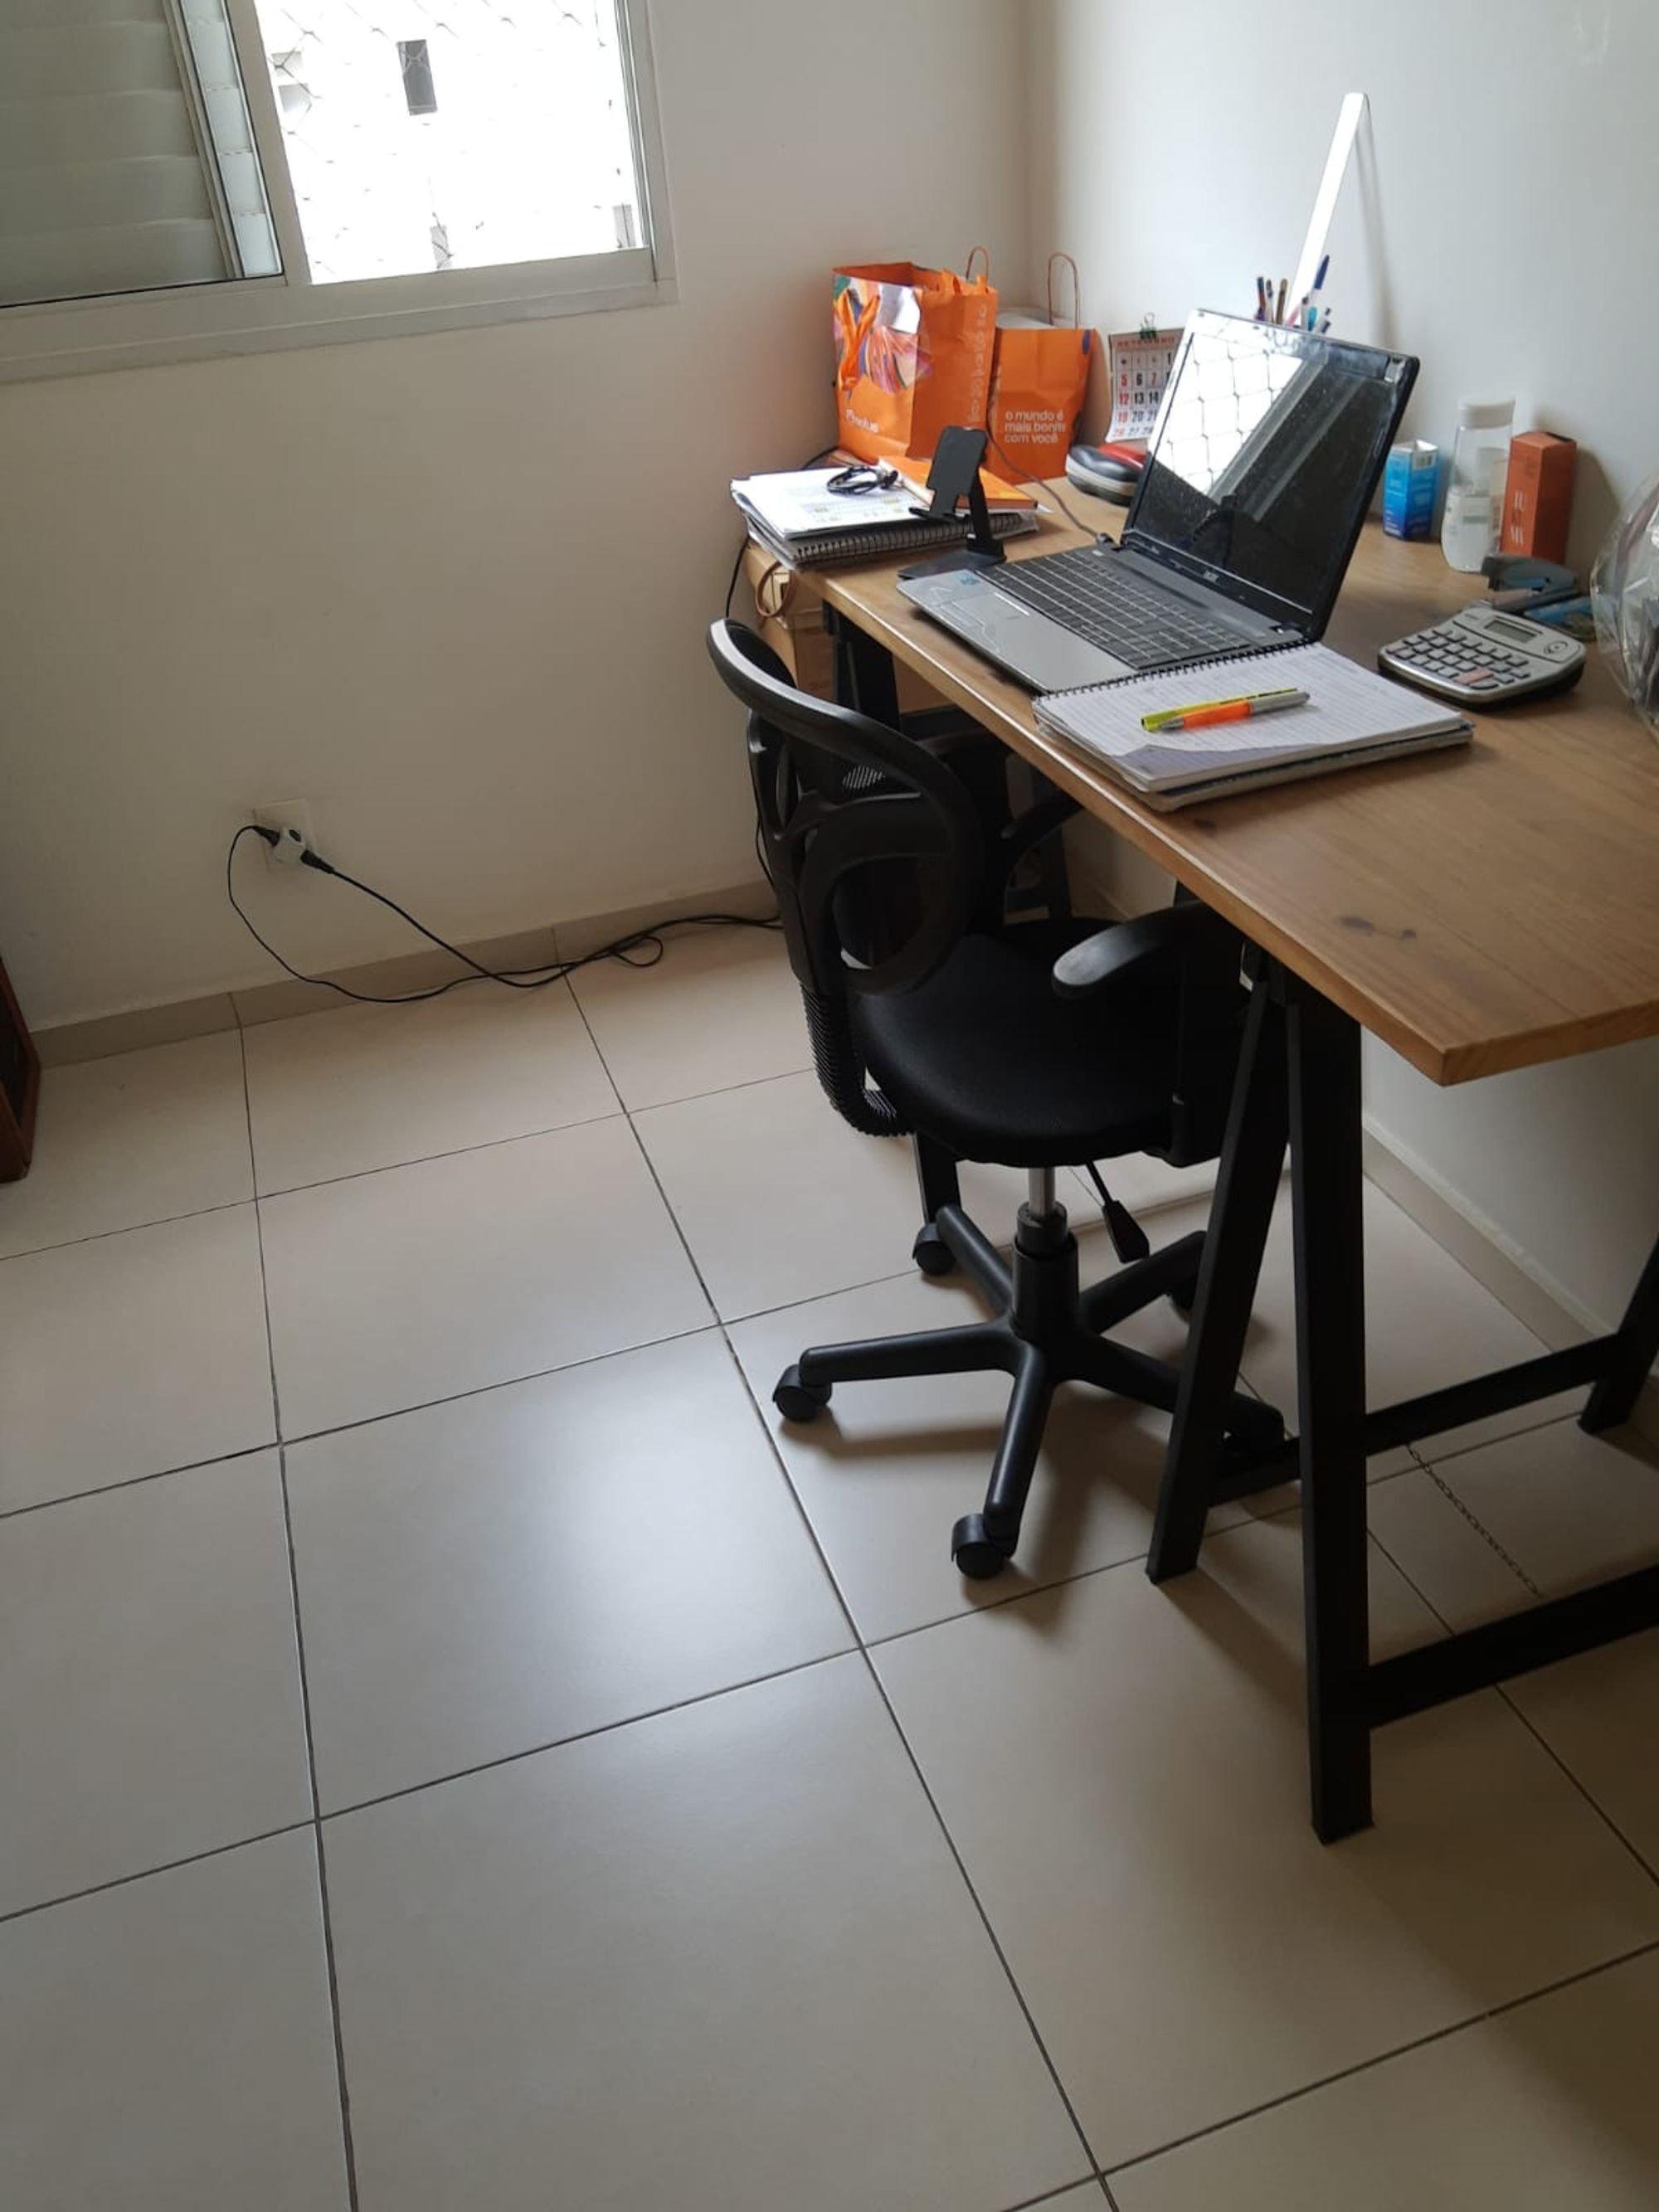 Nesta foto há celular, computador portátil, cadeira